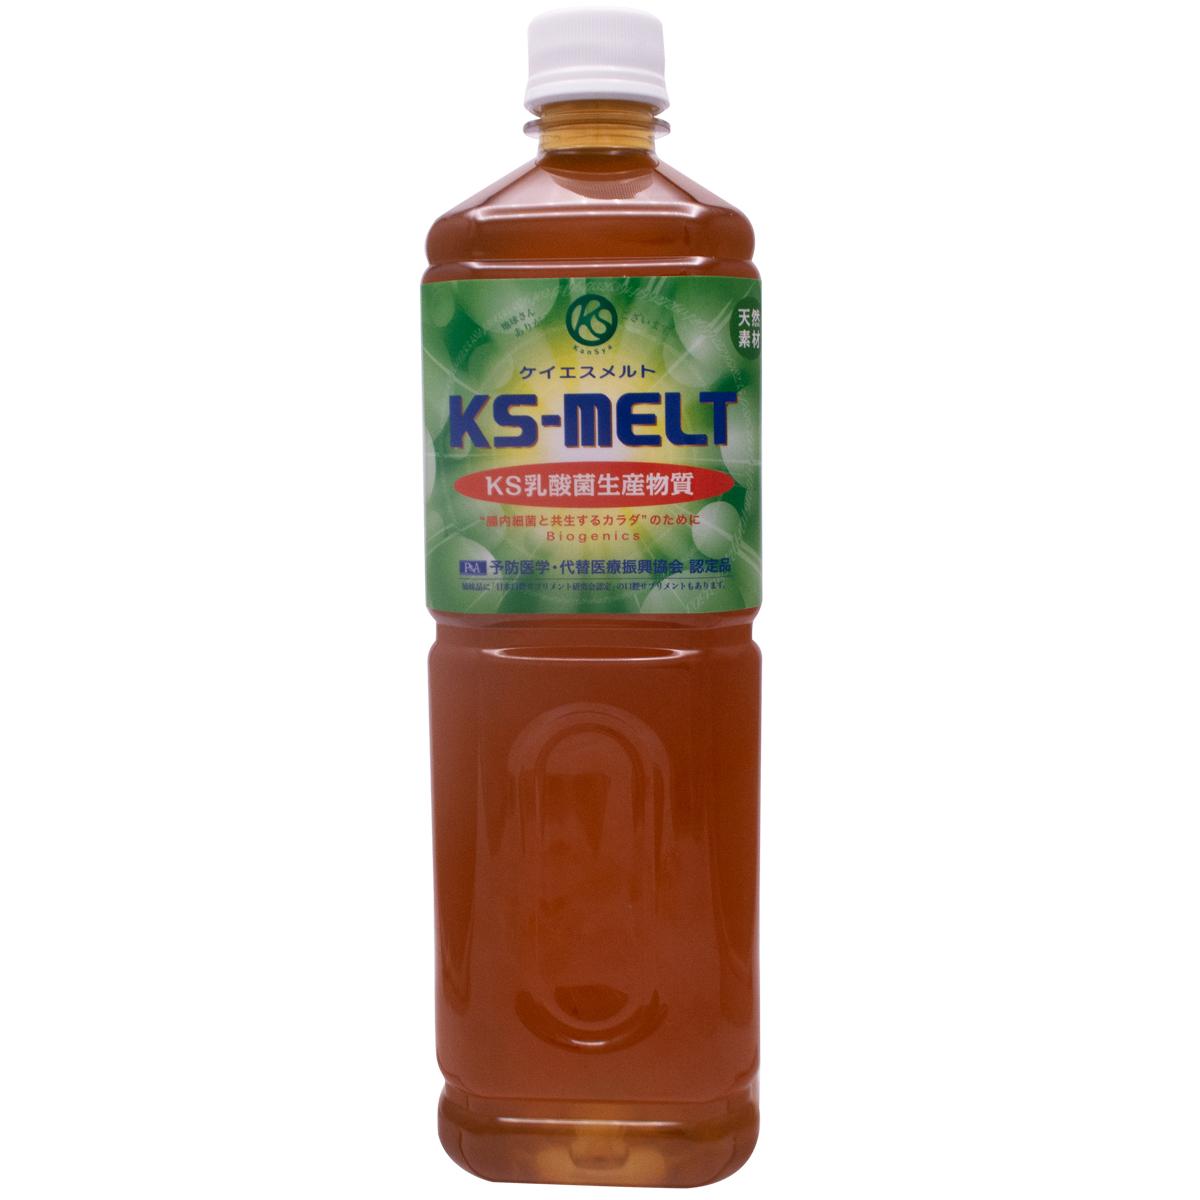 乳酸菌のすぐれた有効成分だけを抽出したエキス39ショップ対象 送料無料 新入荷 流行 乳酸菌生産物質 割引 KSメルト ケーエスメルト ケイエスメルト 1リットル KS-MELT